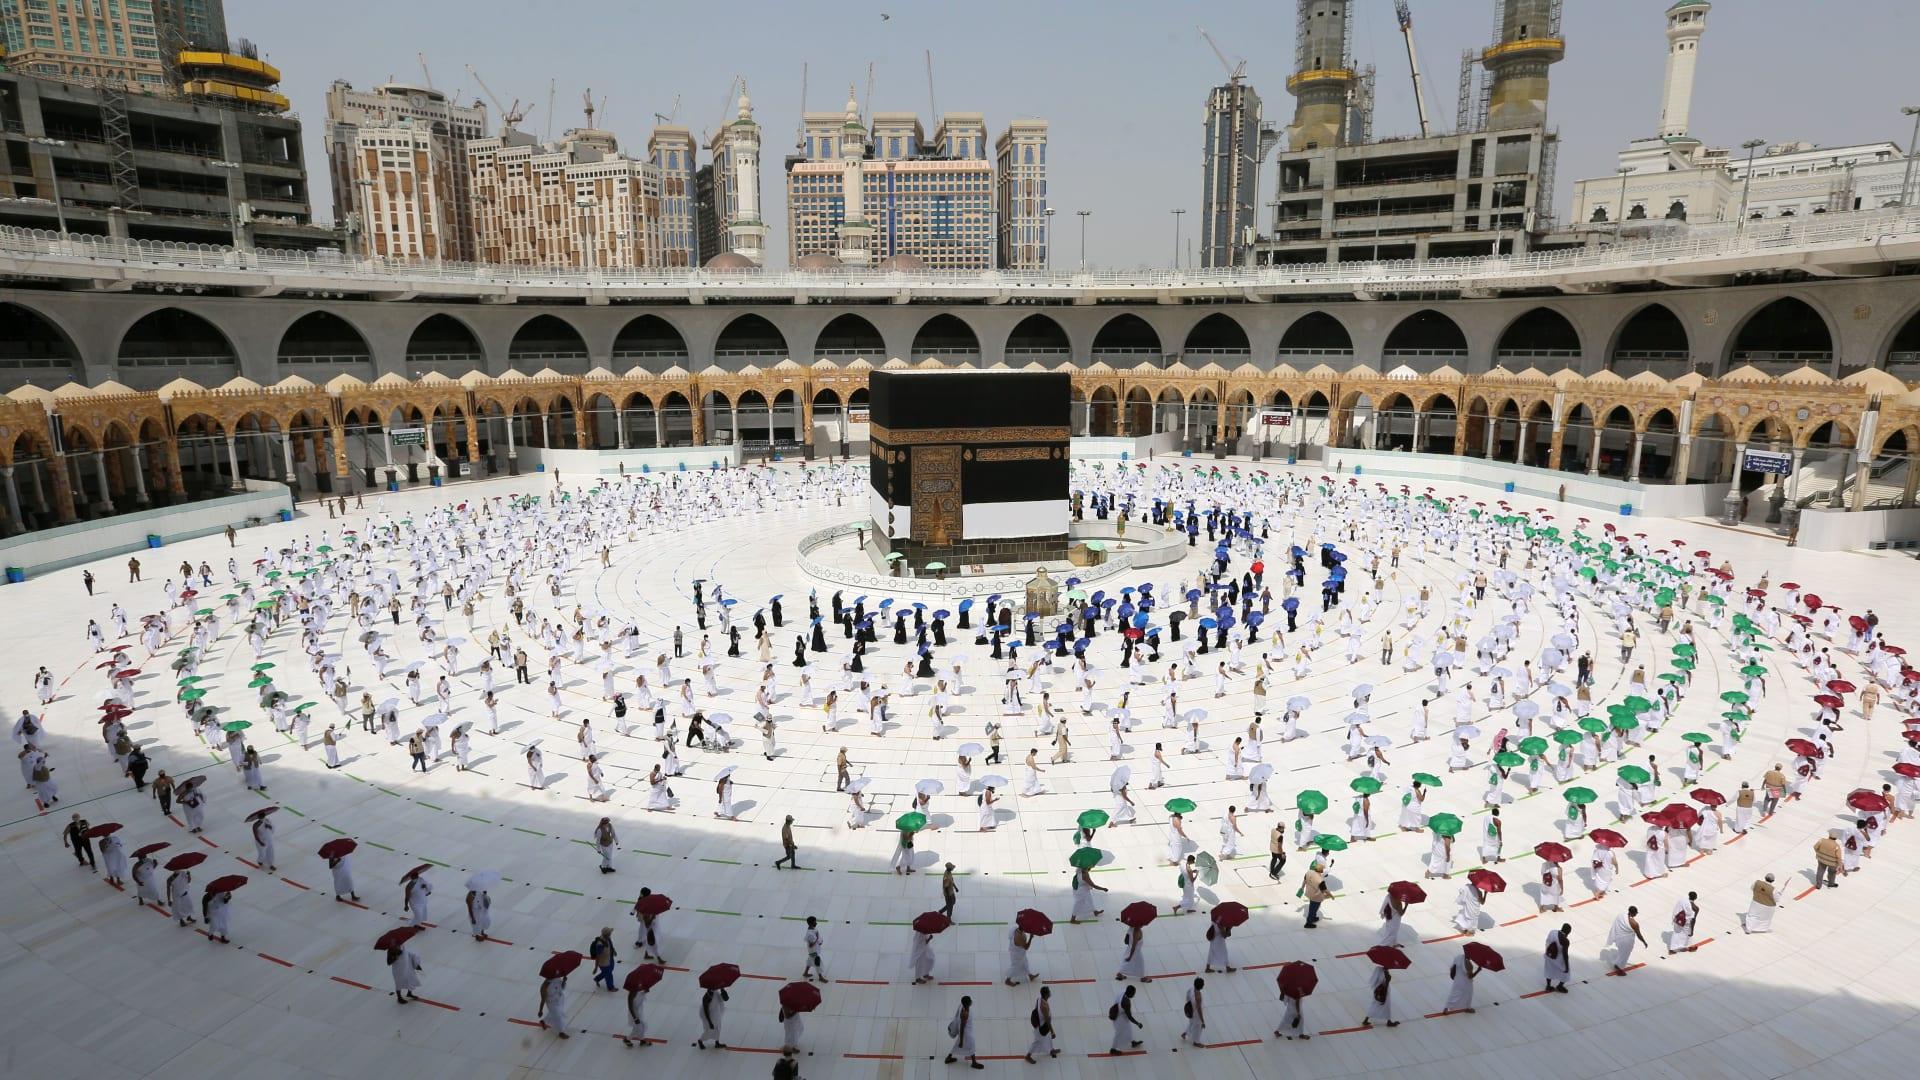 الحوثي: منع المسلمين من الحج جريمة.. والسعودية سمحت بنشاط هيئة الترفيه رغم كورونا